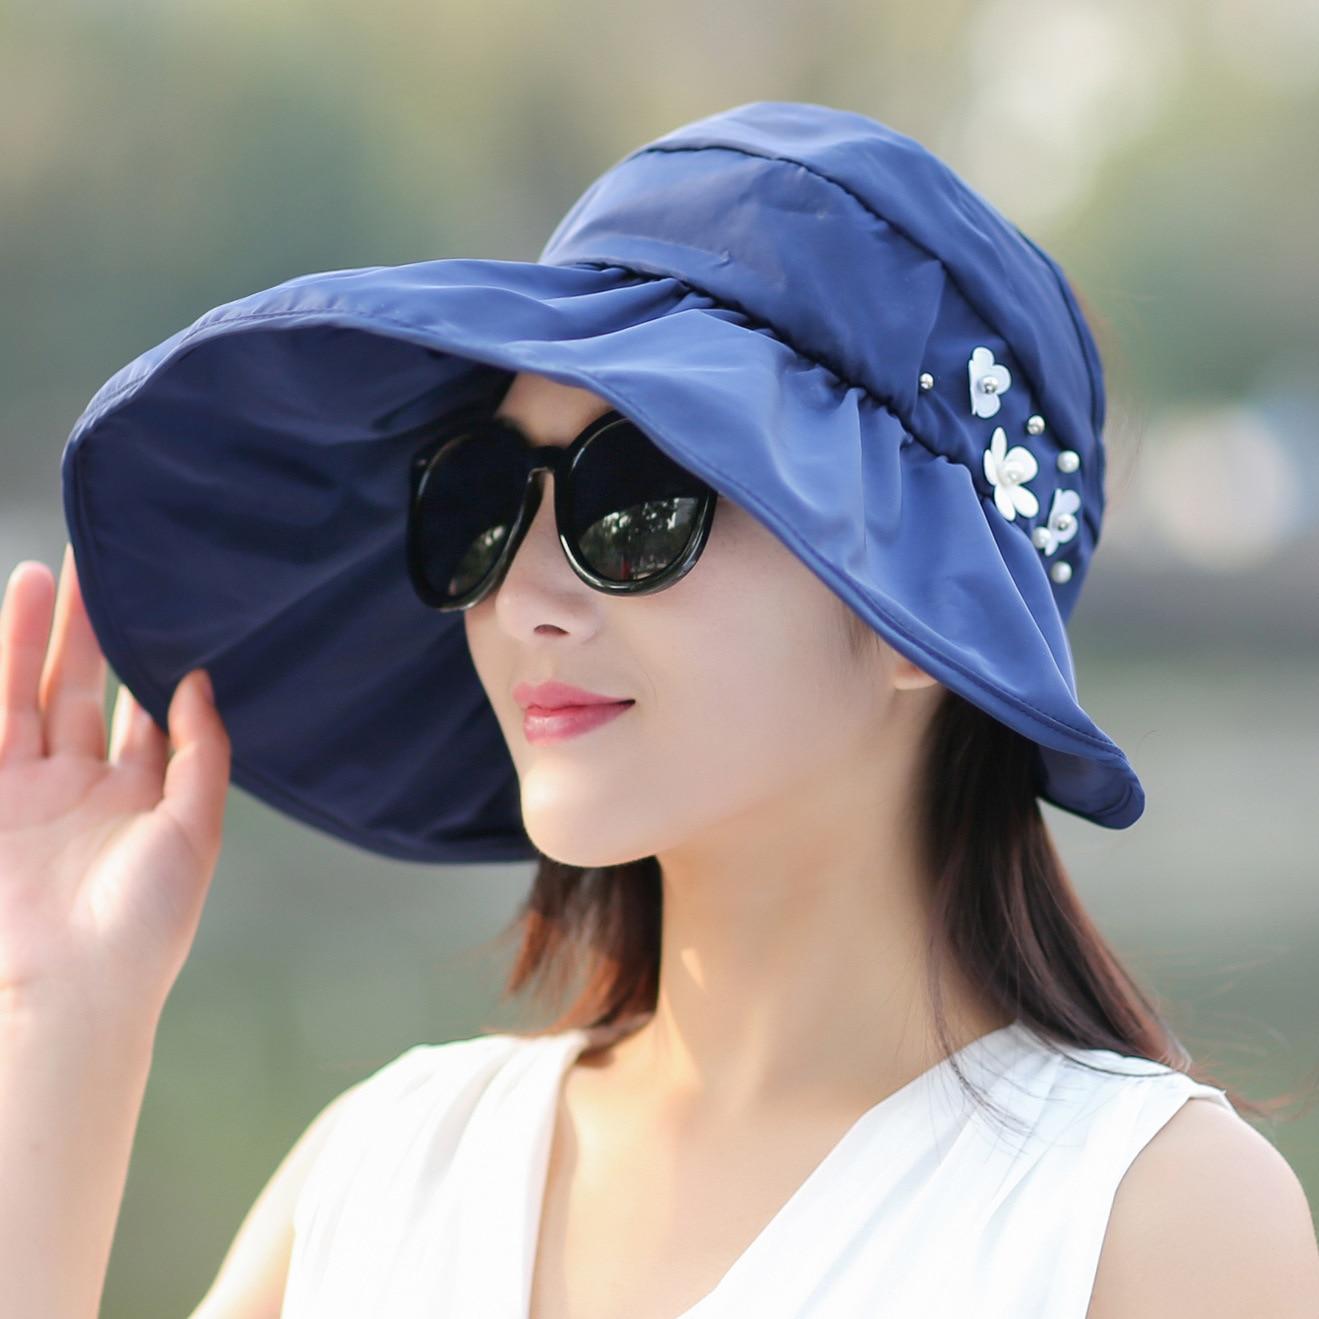 92f6e14f343 Sun Hats sun visor hat Sun Hats for women with big heads beach hat summer  UV protection